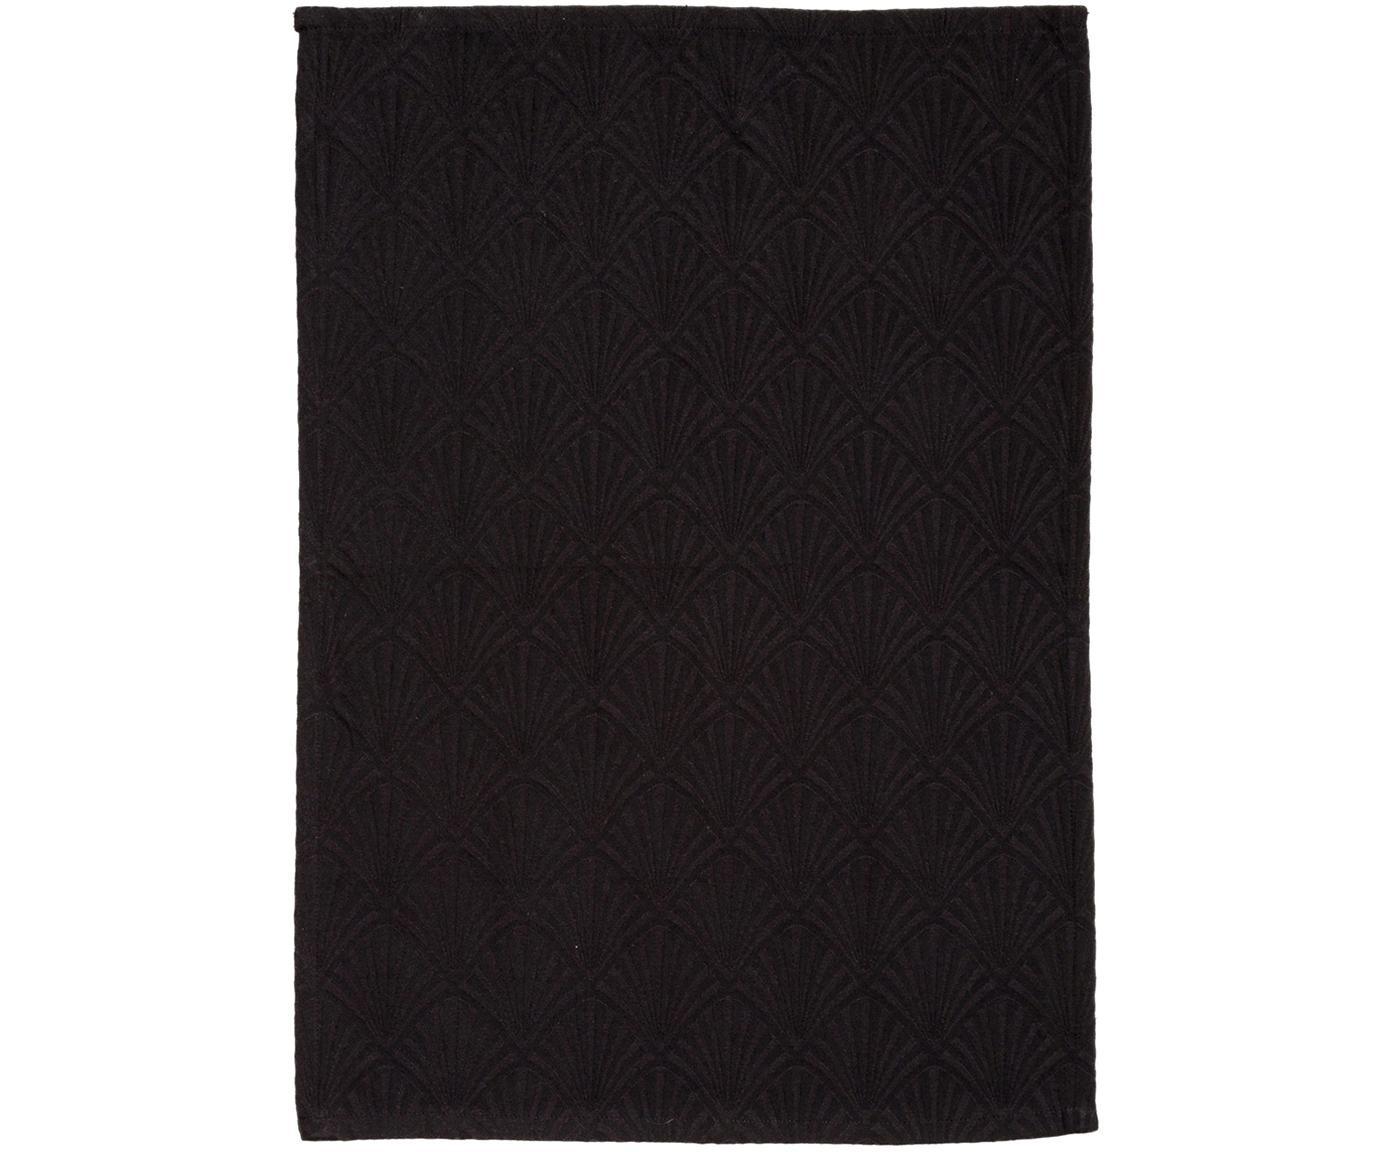 Ręcznik kuchenny Celine, Czarny, S 50 x D 70 cm